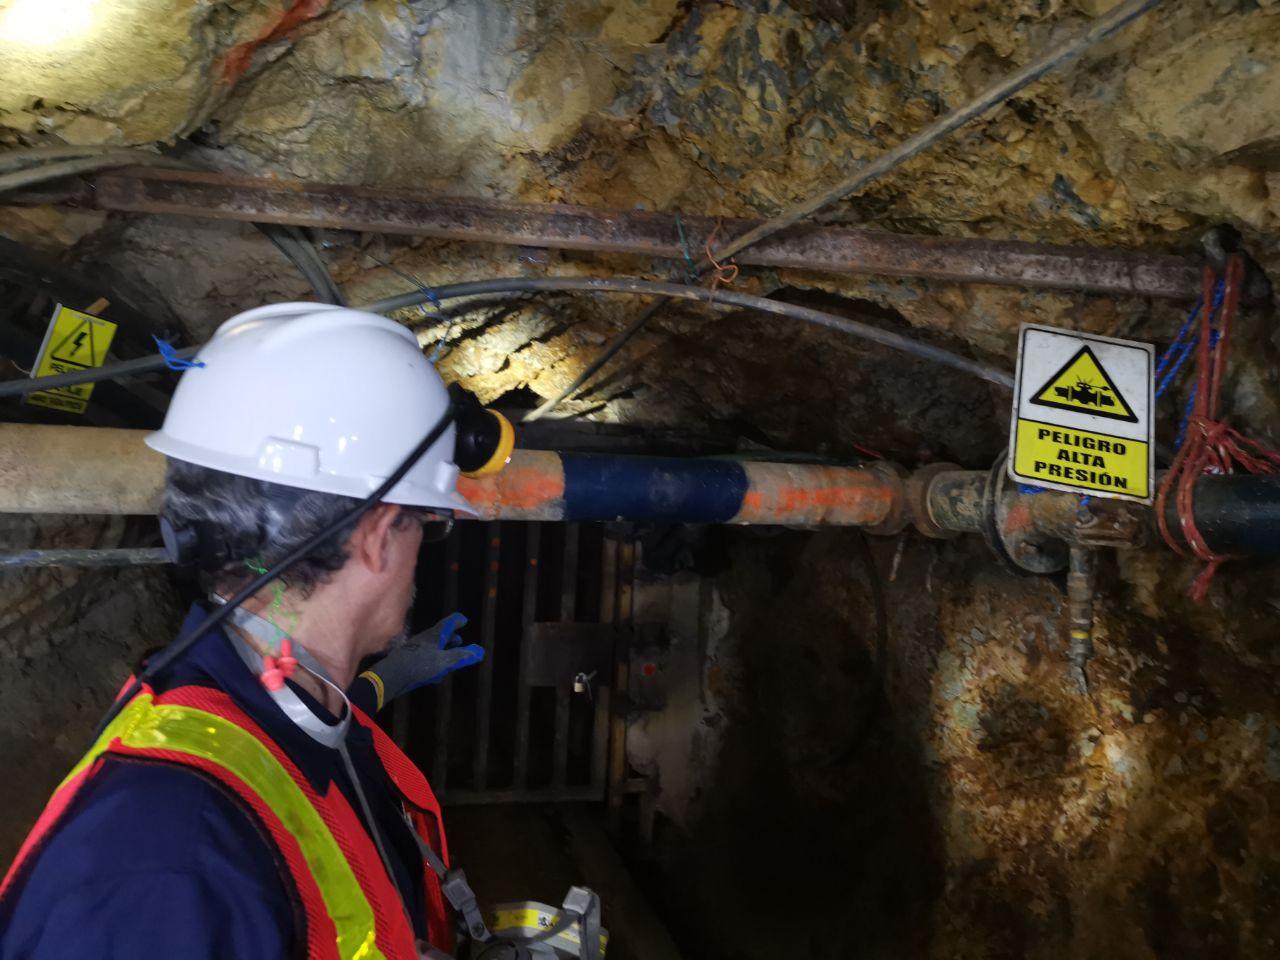 Alianza de la industria pretende establecer clúster minero en Ecuador